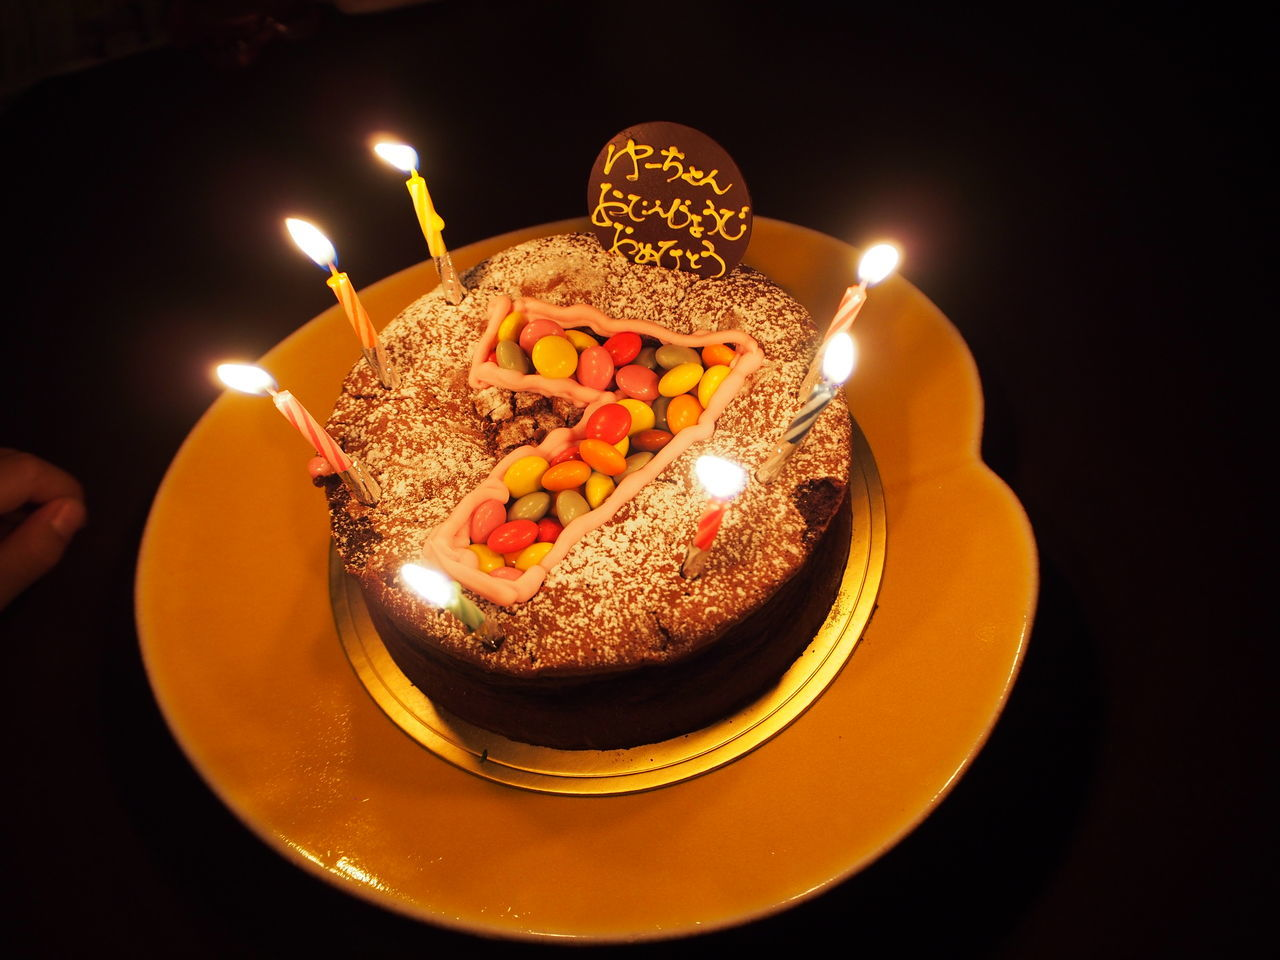 手作りの誕生日ケーキ。娘の好きなマーブルチョコで年齢を表現! Cake ケーキ 誕生日ケーキ